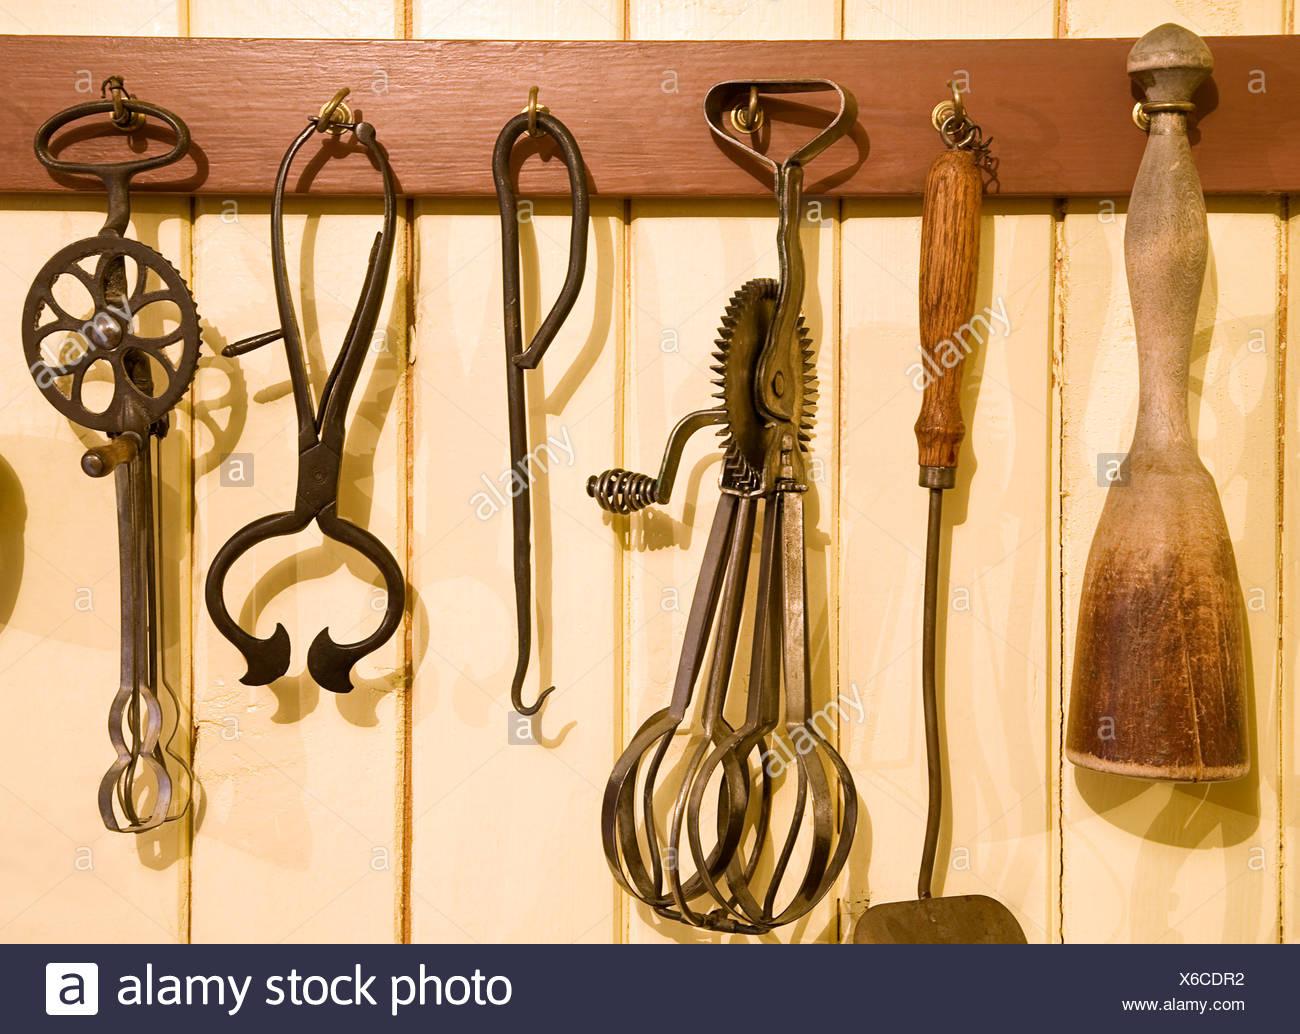 Antichi utensili da cucina appeso a ganci Foto & Immagine Stock ...